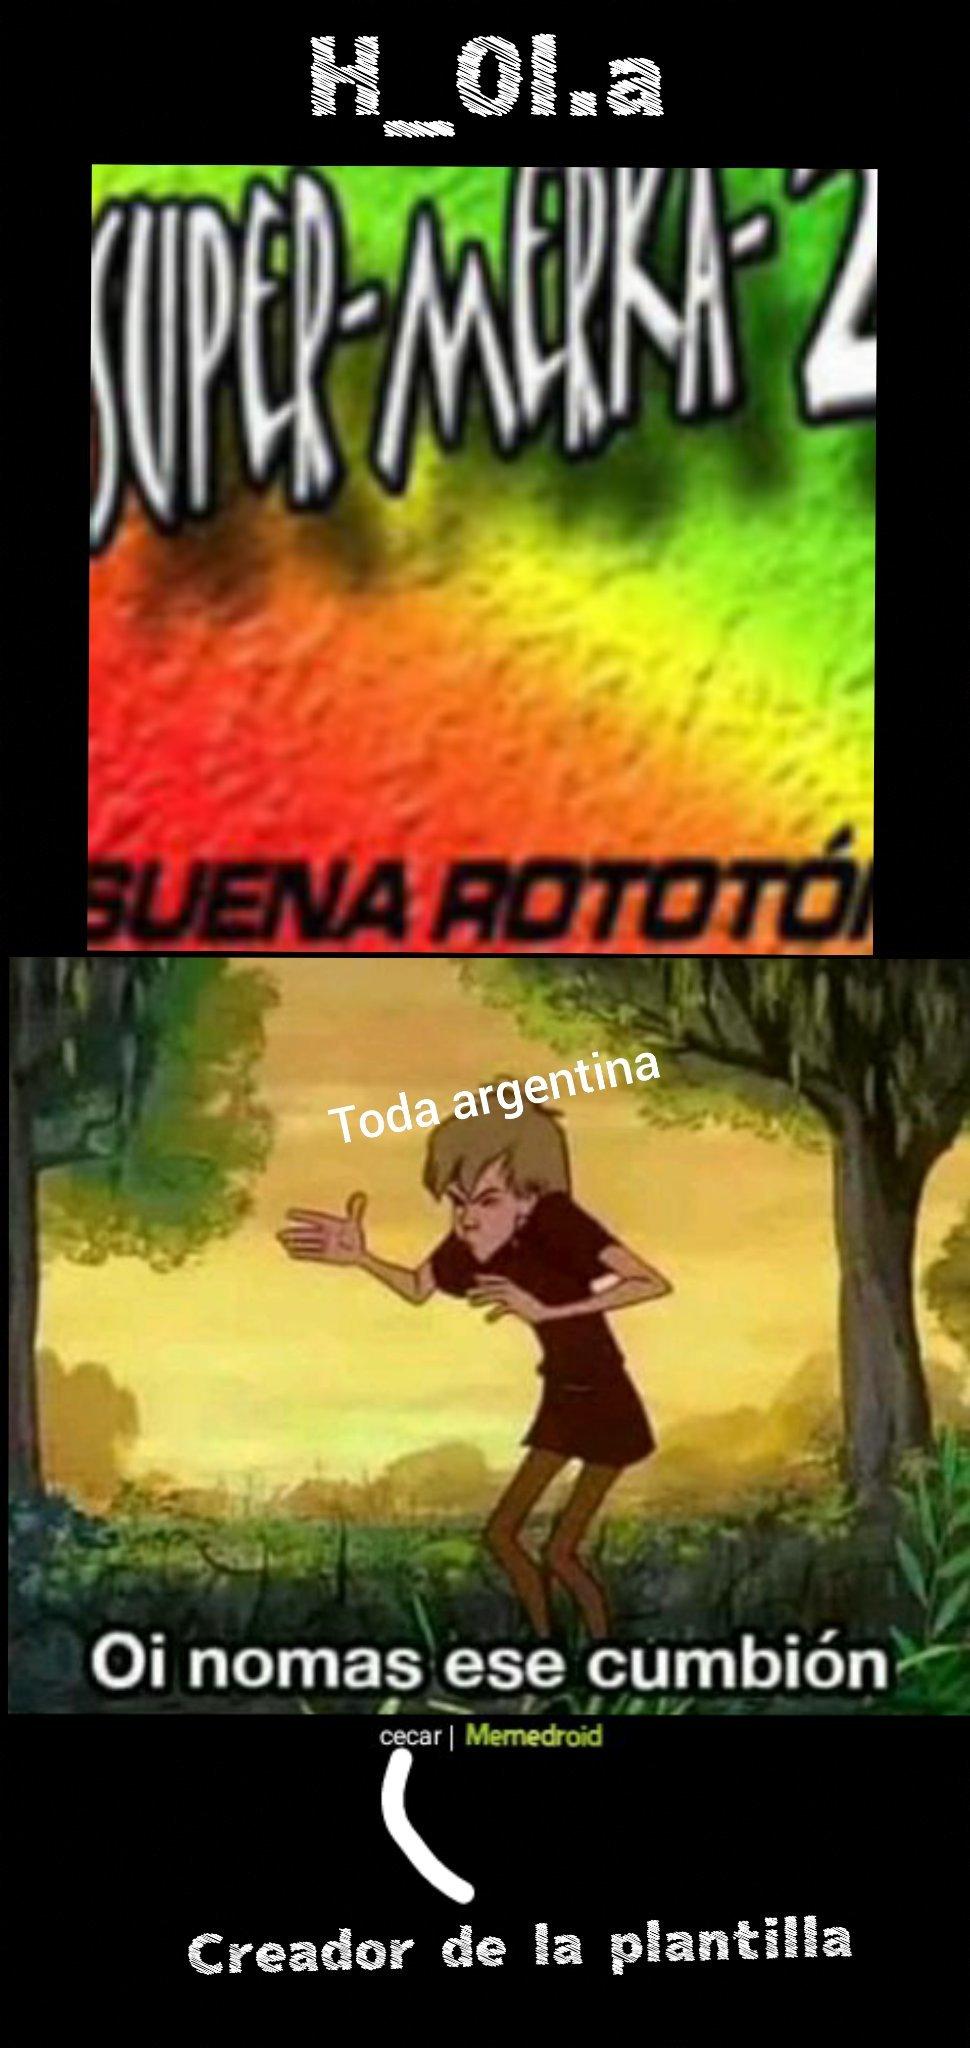 Pobre argentina se esta convirtiéndose en venezuela y yo se de eso :'c SAQUENME DE VENEZUELA - meme